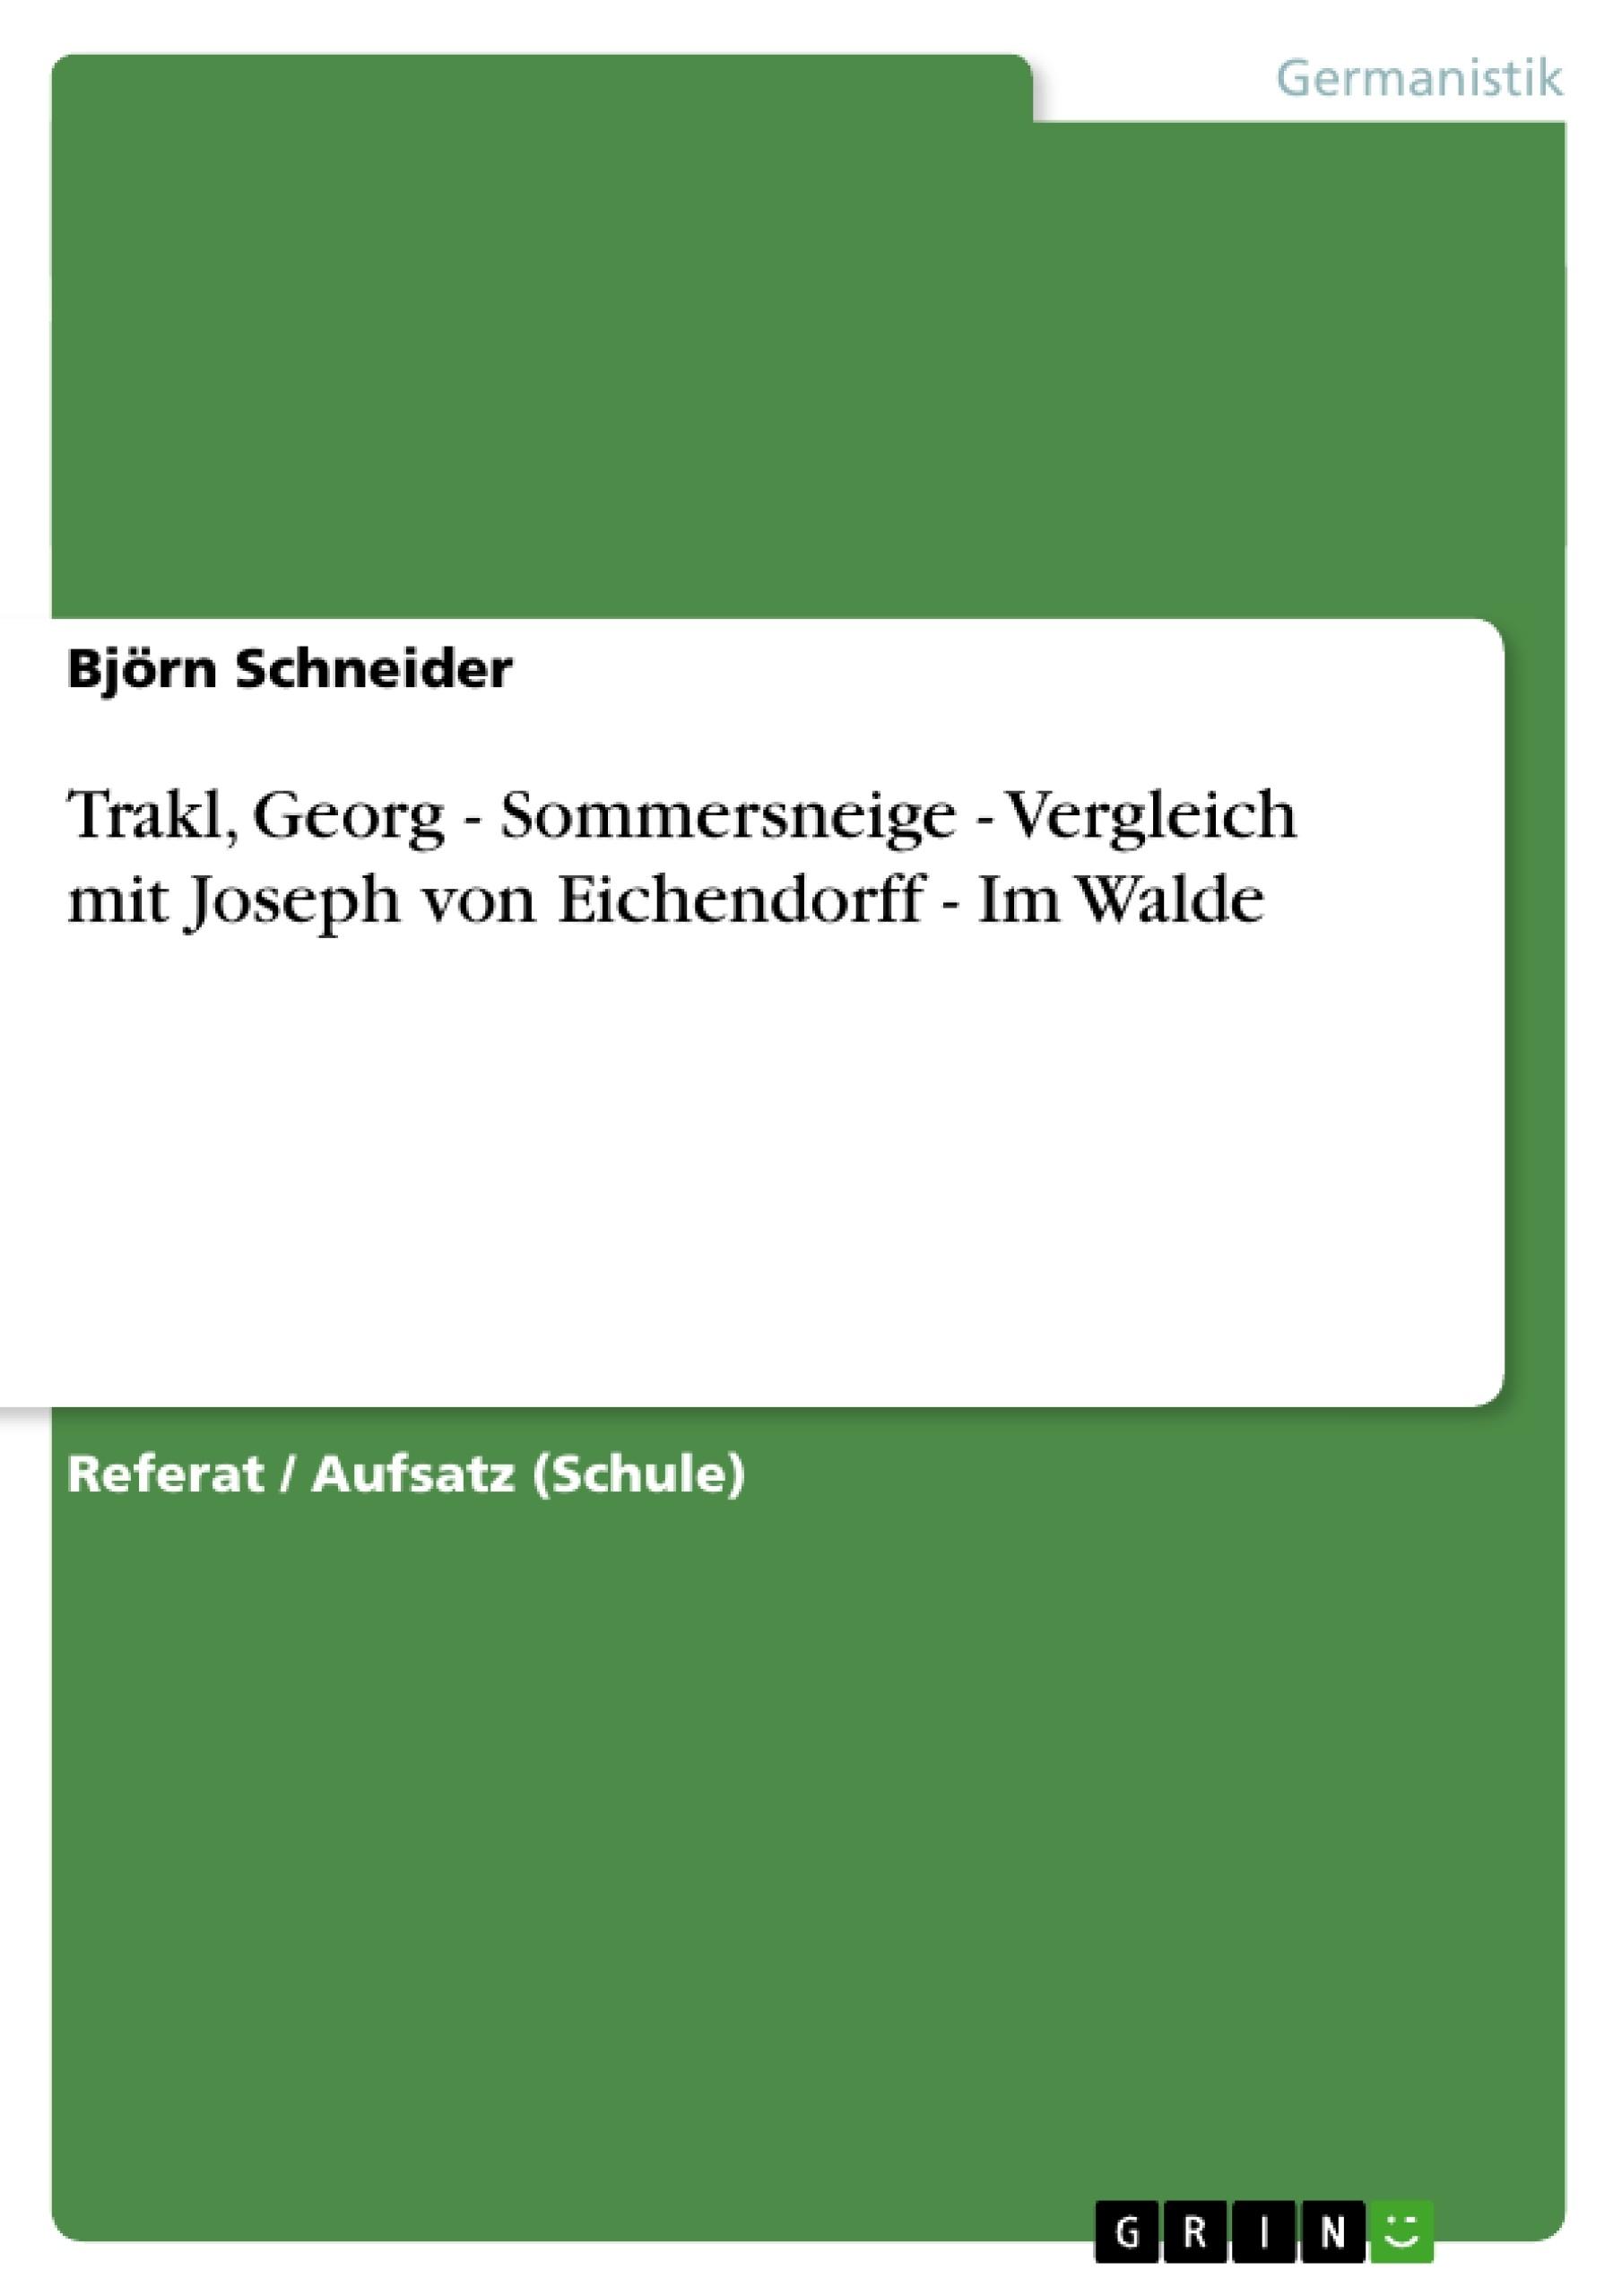 Titel: Trakl, Georg - Sommersneige - Vergleich mit Joseph von Eichendorff - Im Walde